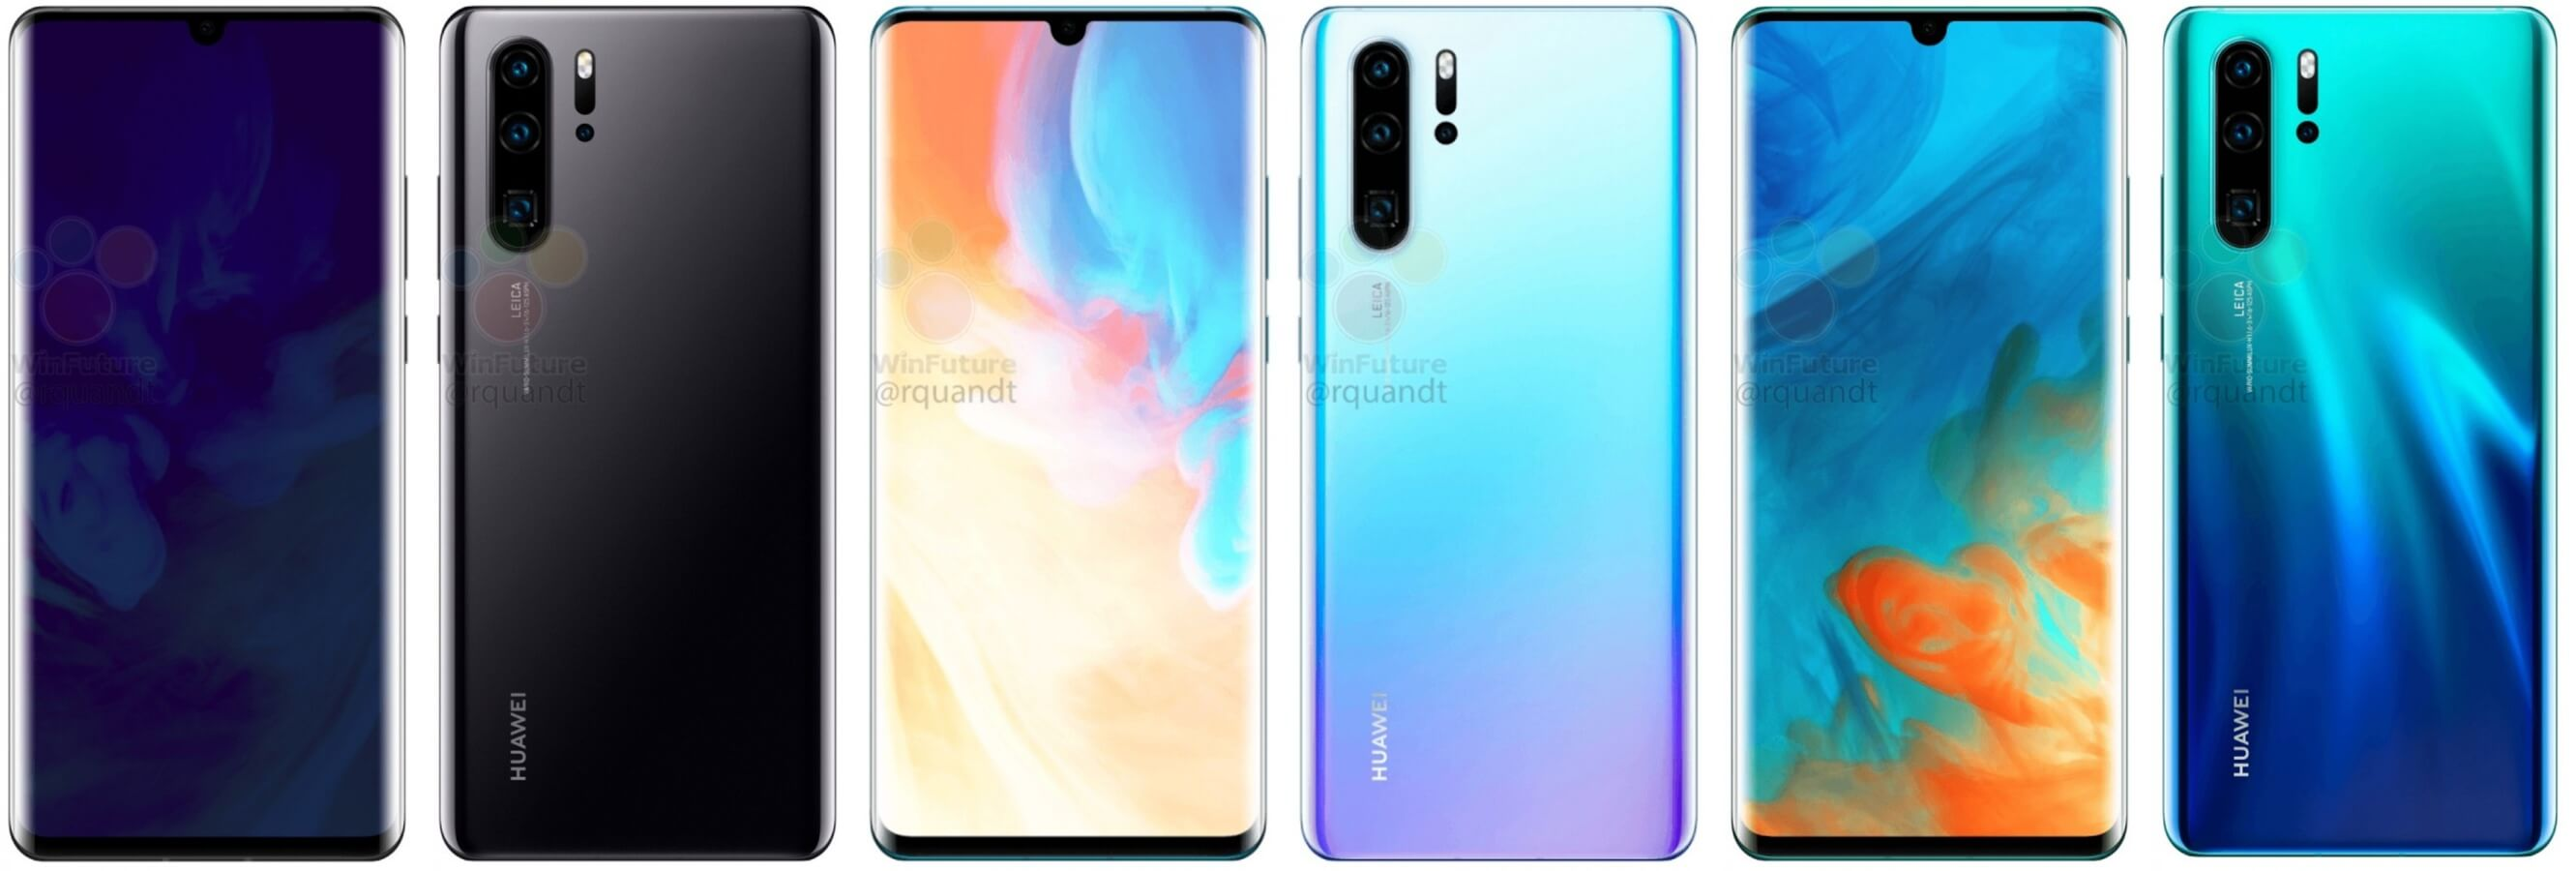 Huawei-P30-Pro-renders-leaked